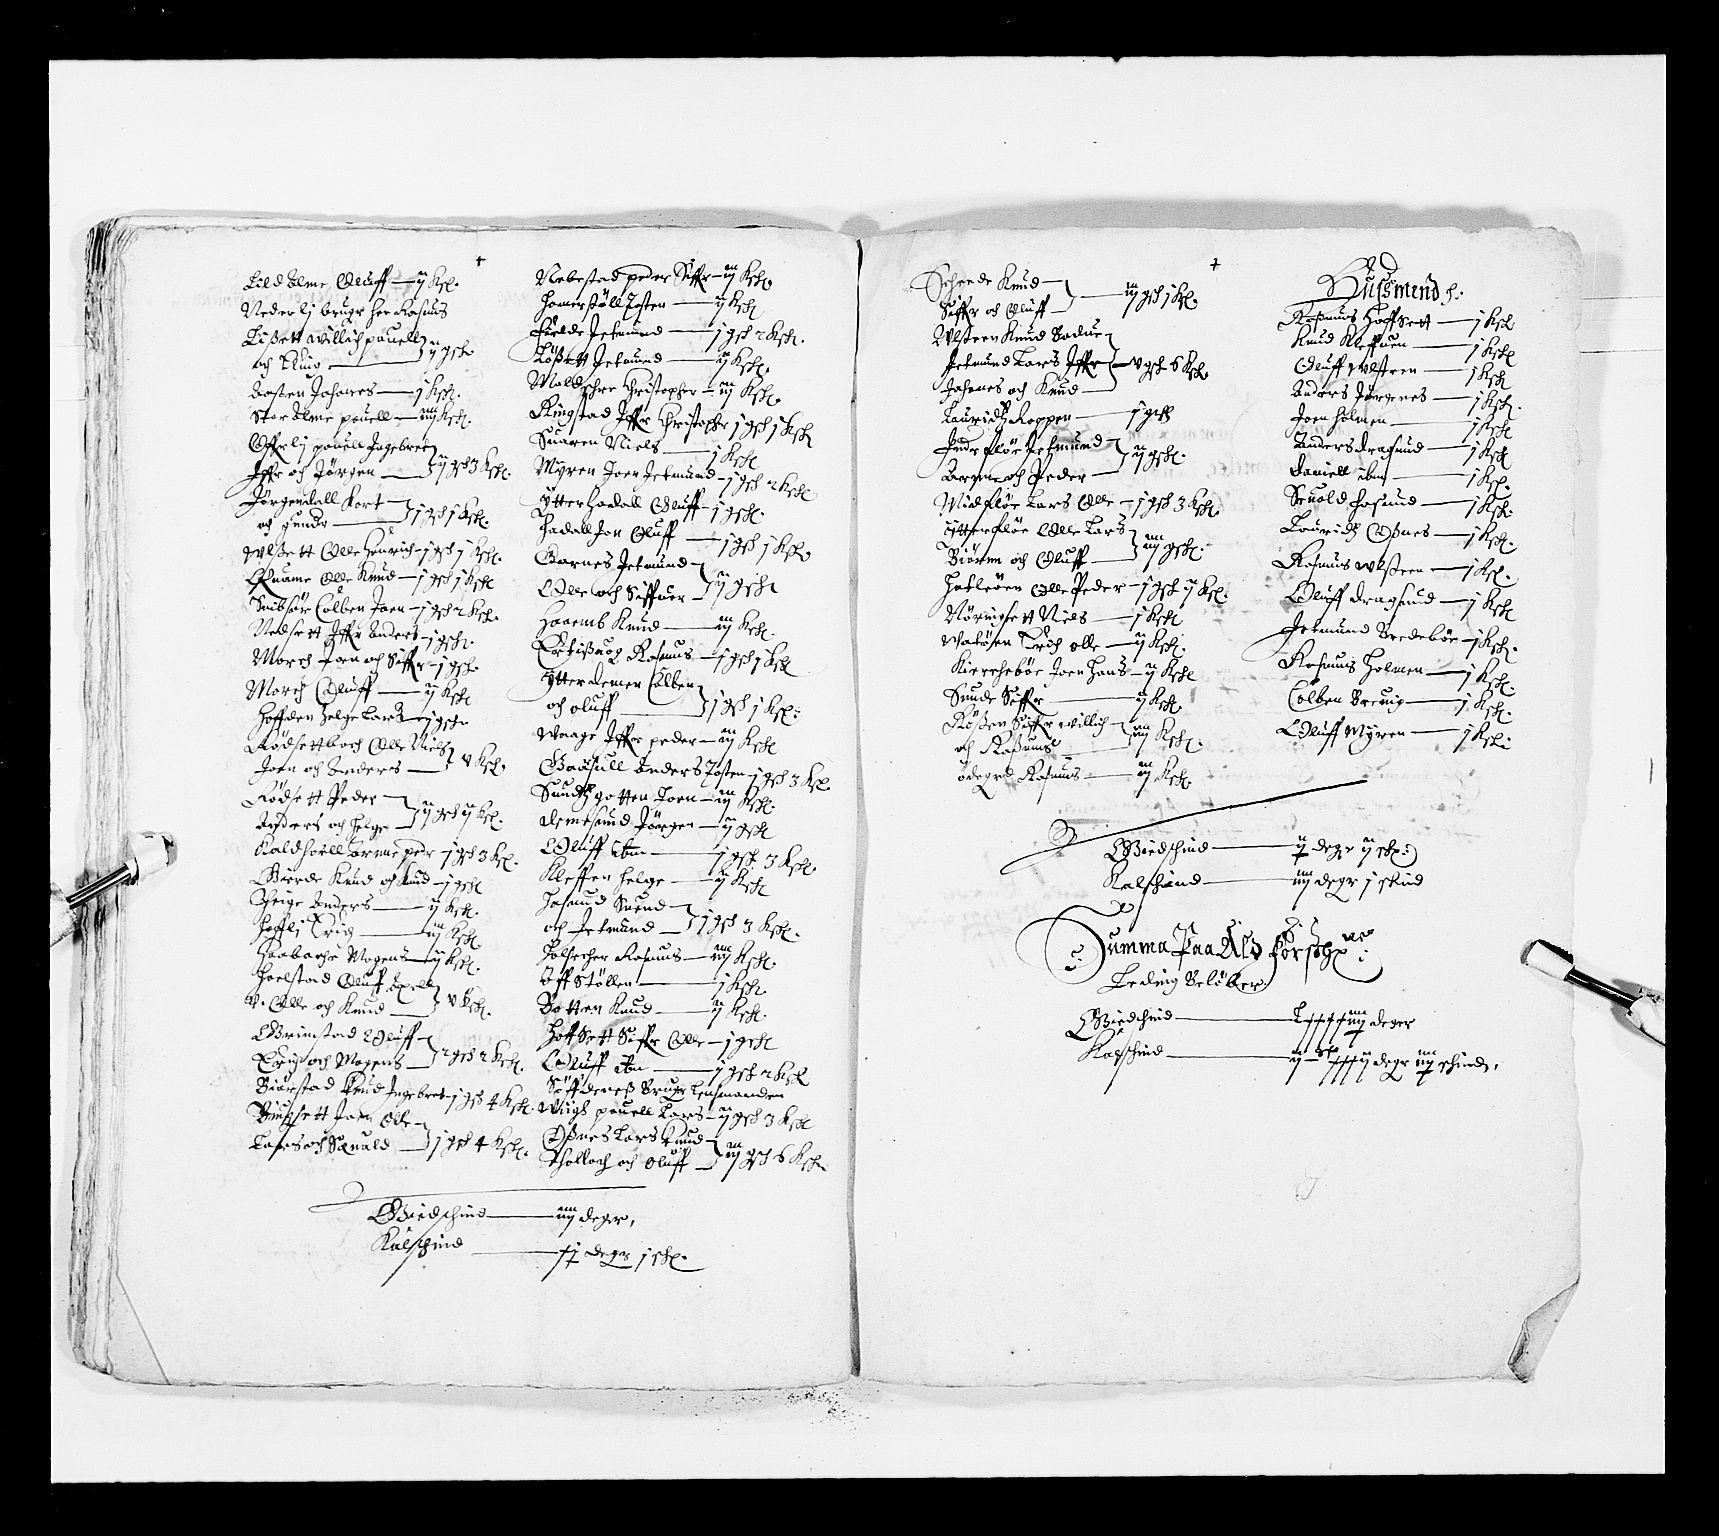 RA, Stattholderembetet 1572-1771, Ek/L0025: Jordebøker 1633-1658:, 1645-1646, s. 260